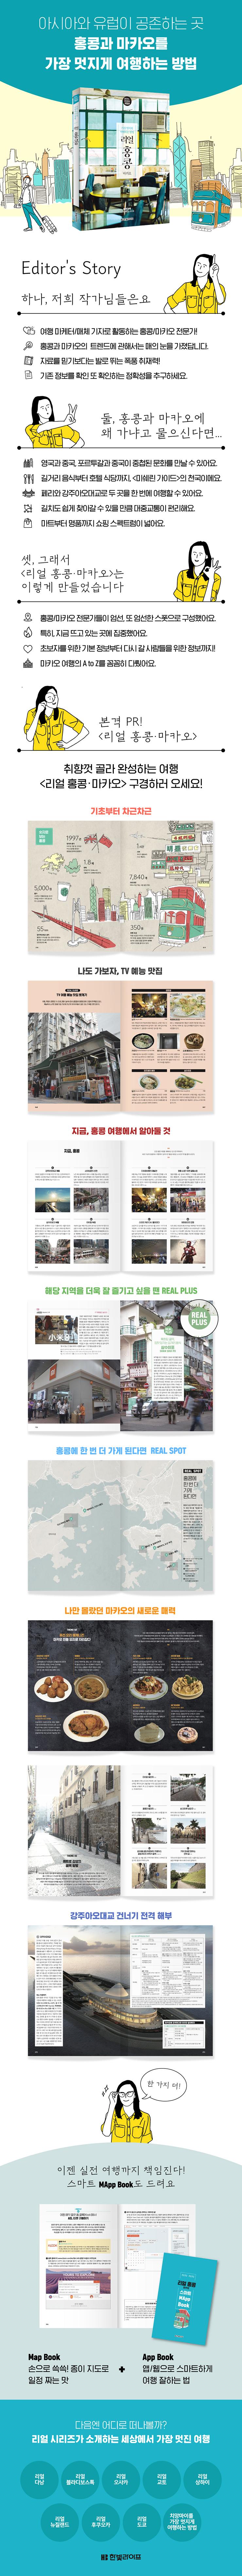 리얼 홍콩 마카오 2019~2020 상세이미지_740_인터파크도서.jpg